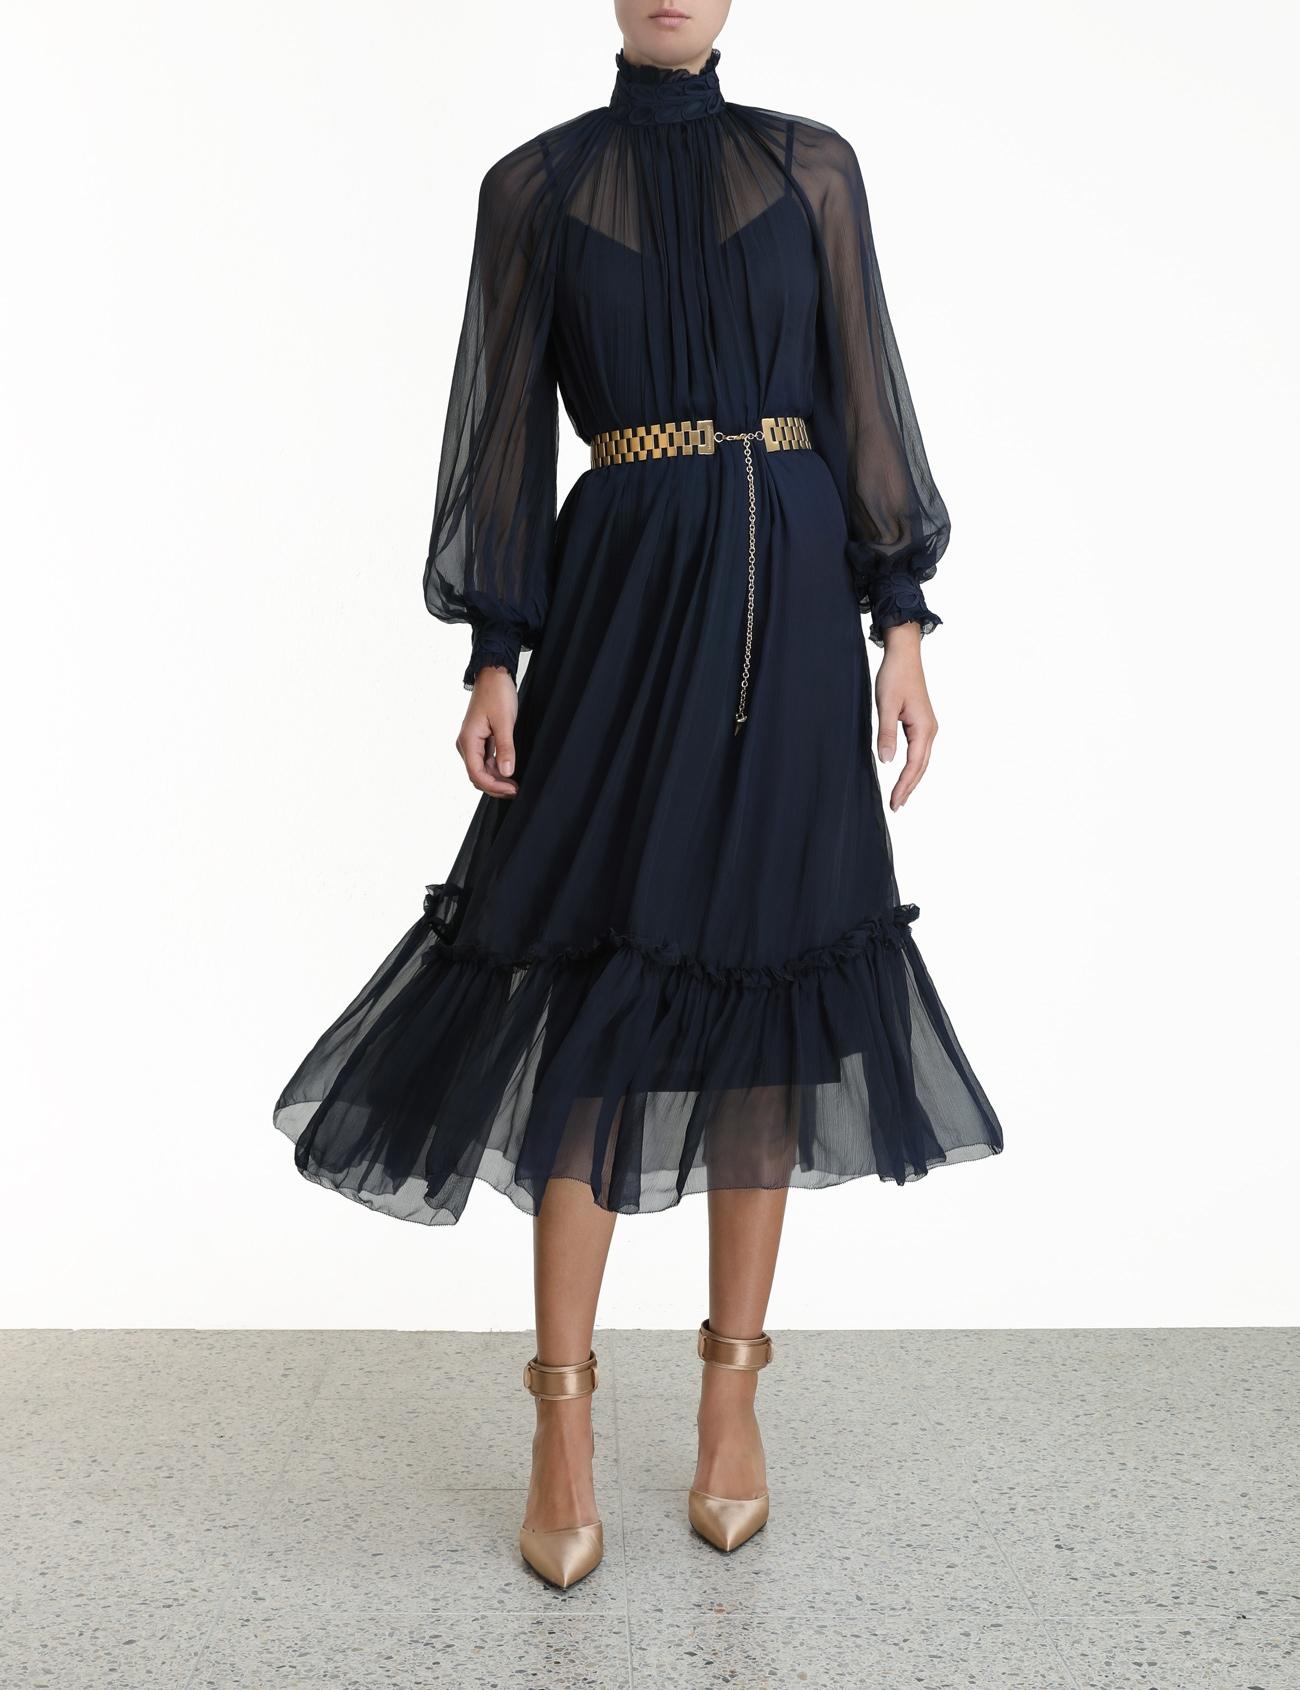 Glassy Rouleaux Swing Dress